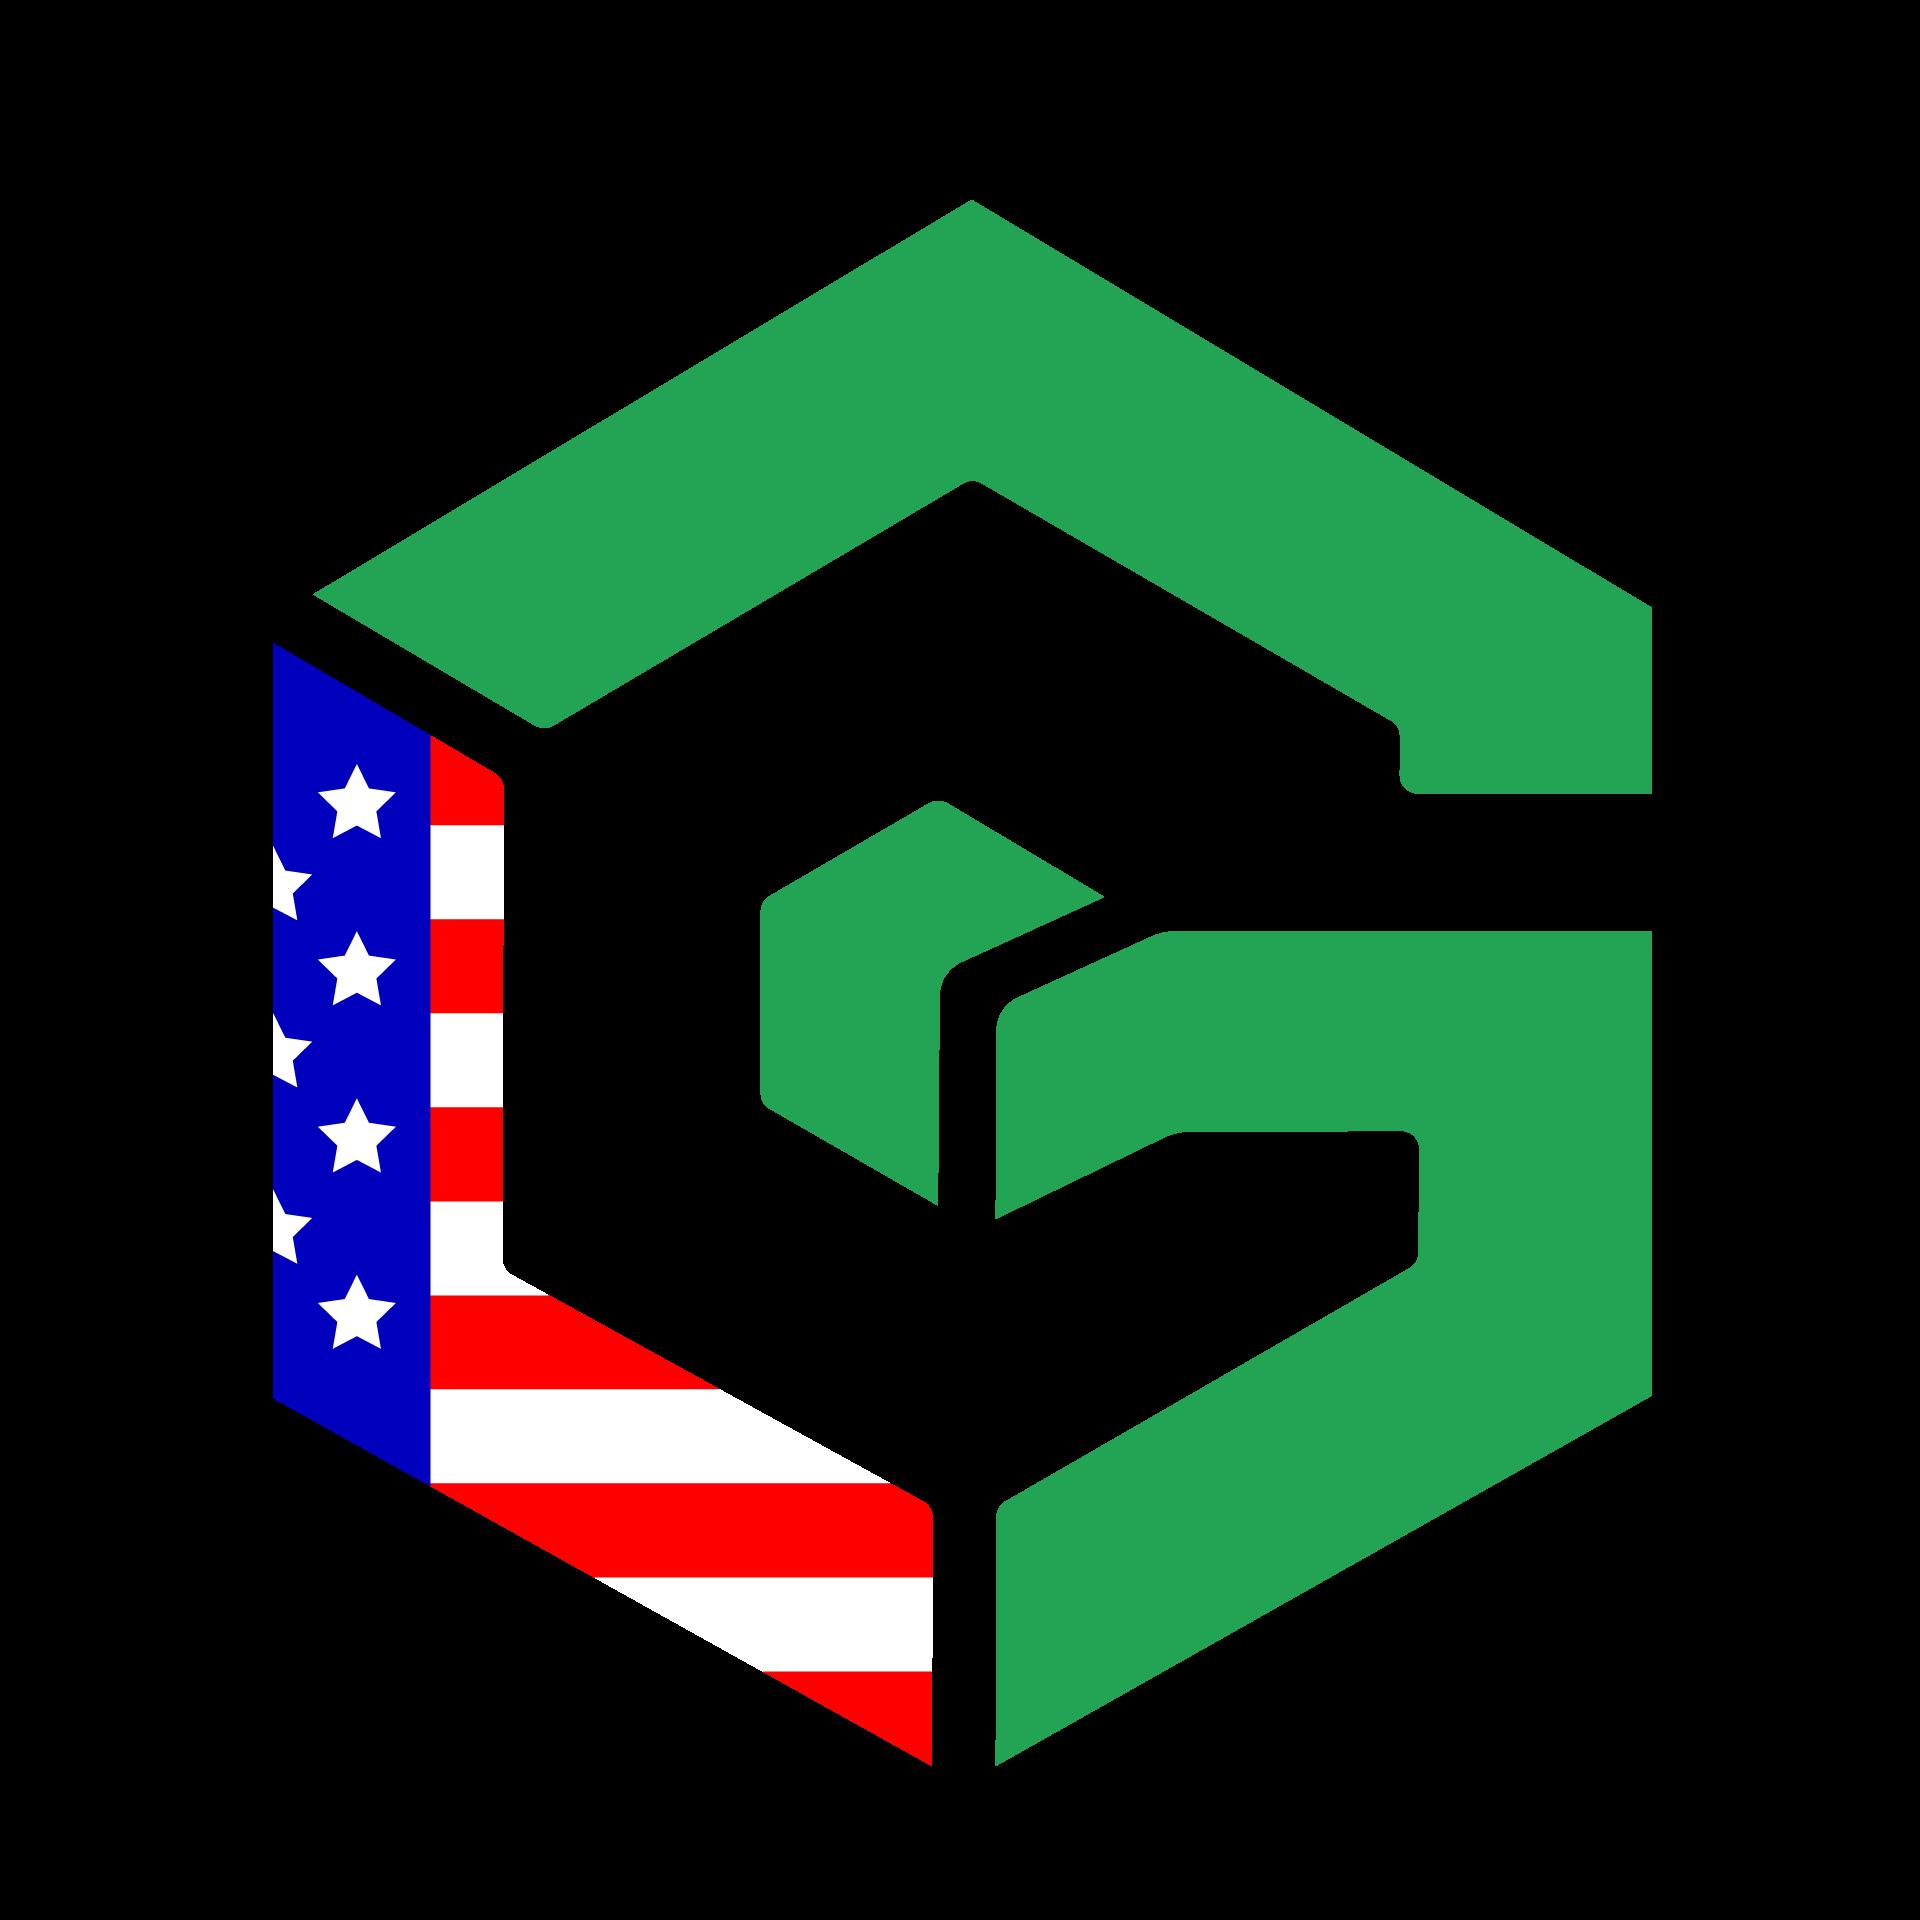 GTC_americanflaglogo_green